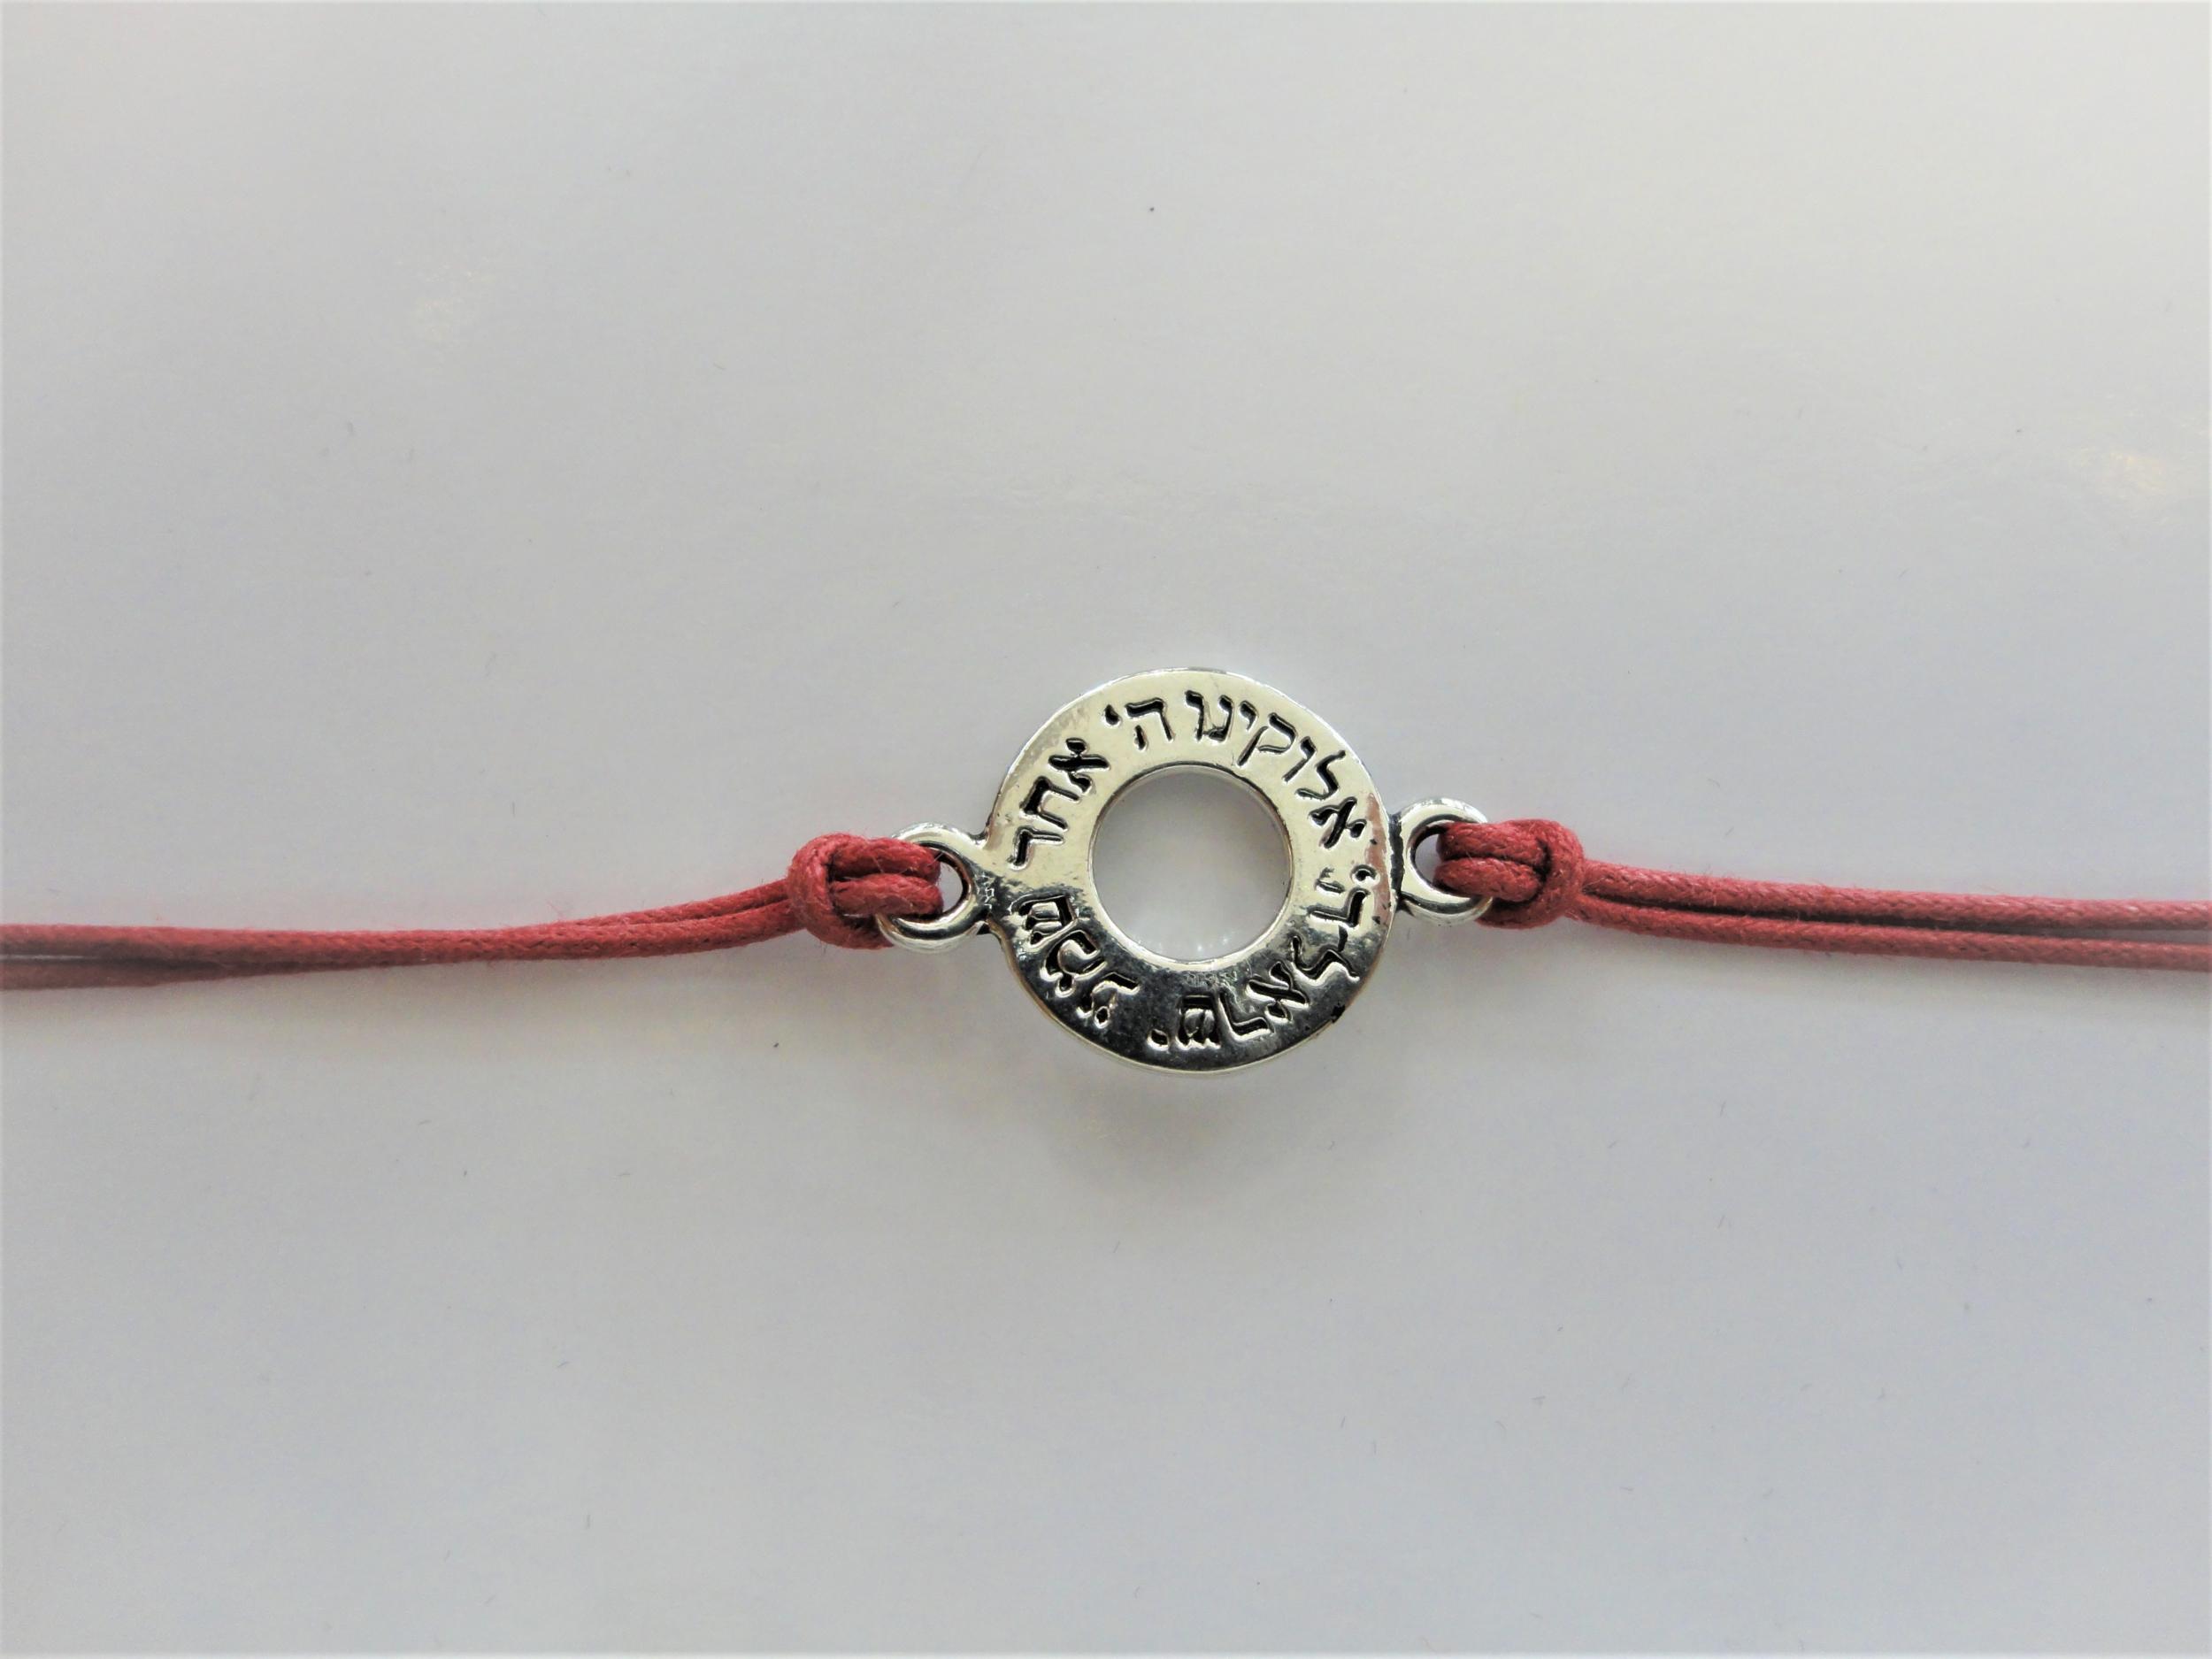 Bracelet fil rouge avec Shema Israël gravé sur métal 15mm de diamétre.